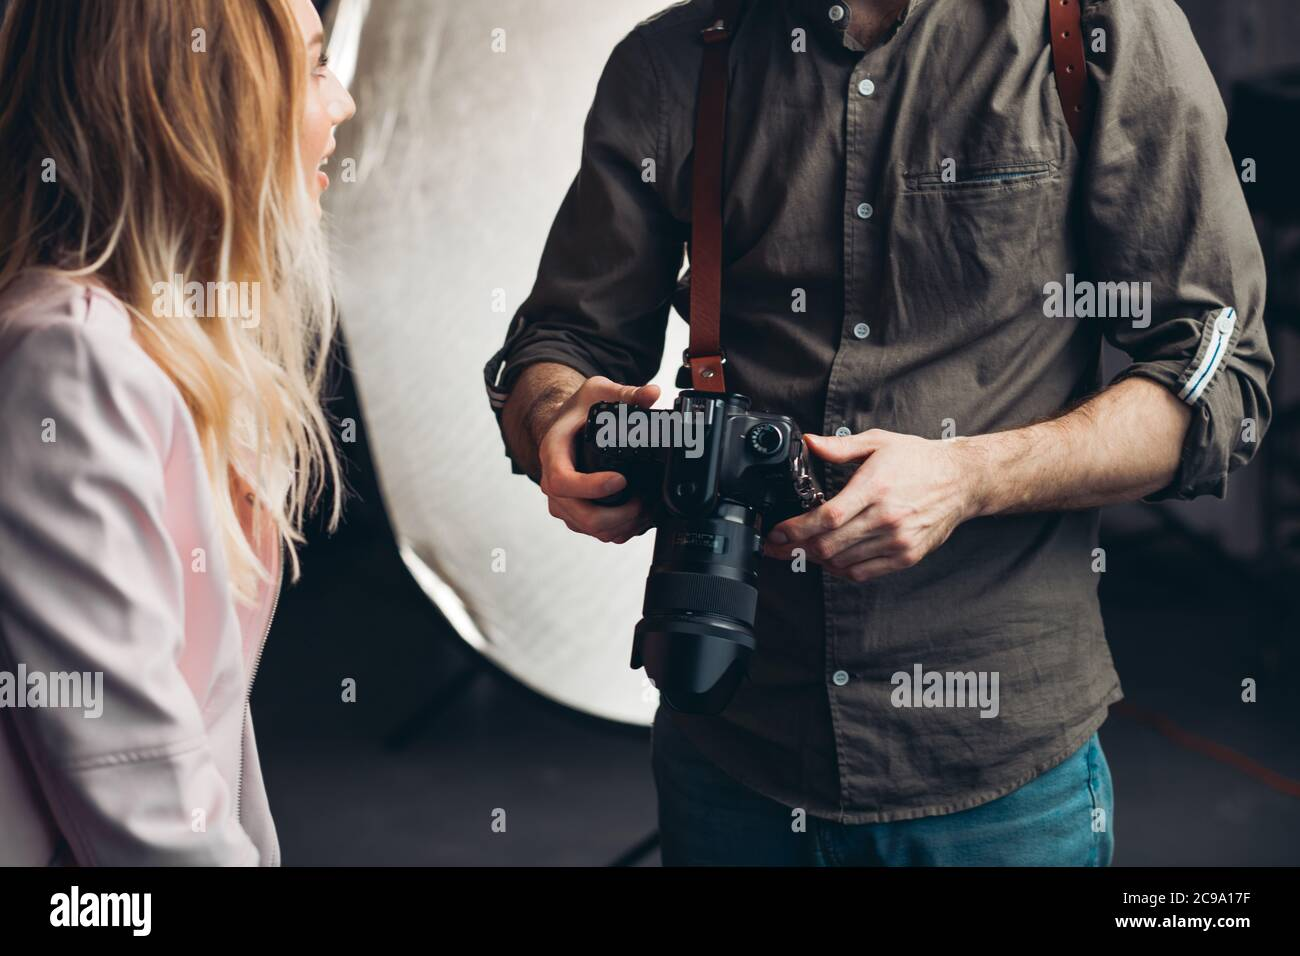 hombre en busca de fotos en la cámara mientras que tiene una charla con una chica rubia, de cerca foto recortada Foto de stock